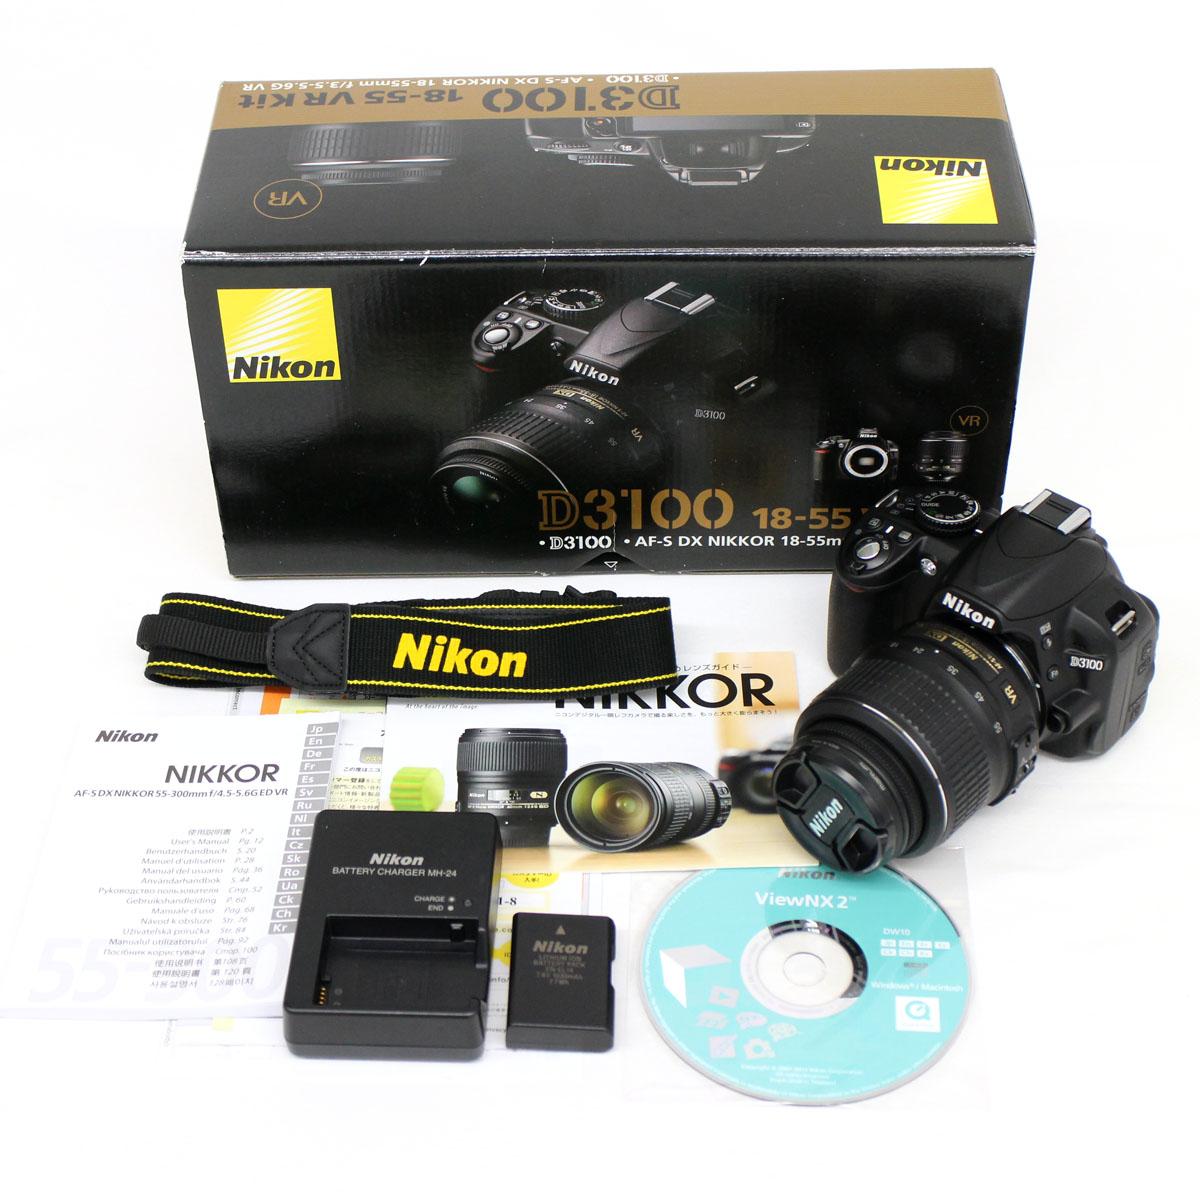 【中古】◆ニコン Nikon D3100 レンズ18-55mm VR kit デジタル一眼レフカメラ ◆ ボディキャップ無し 動作確認済